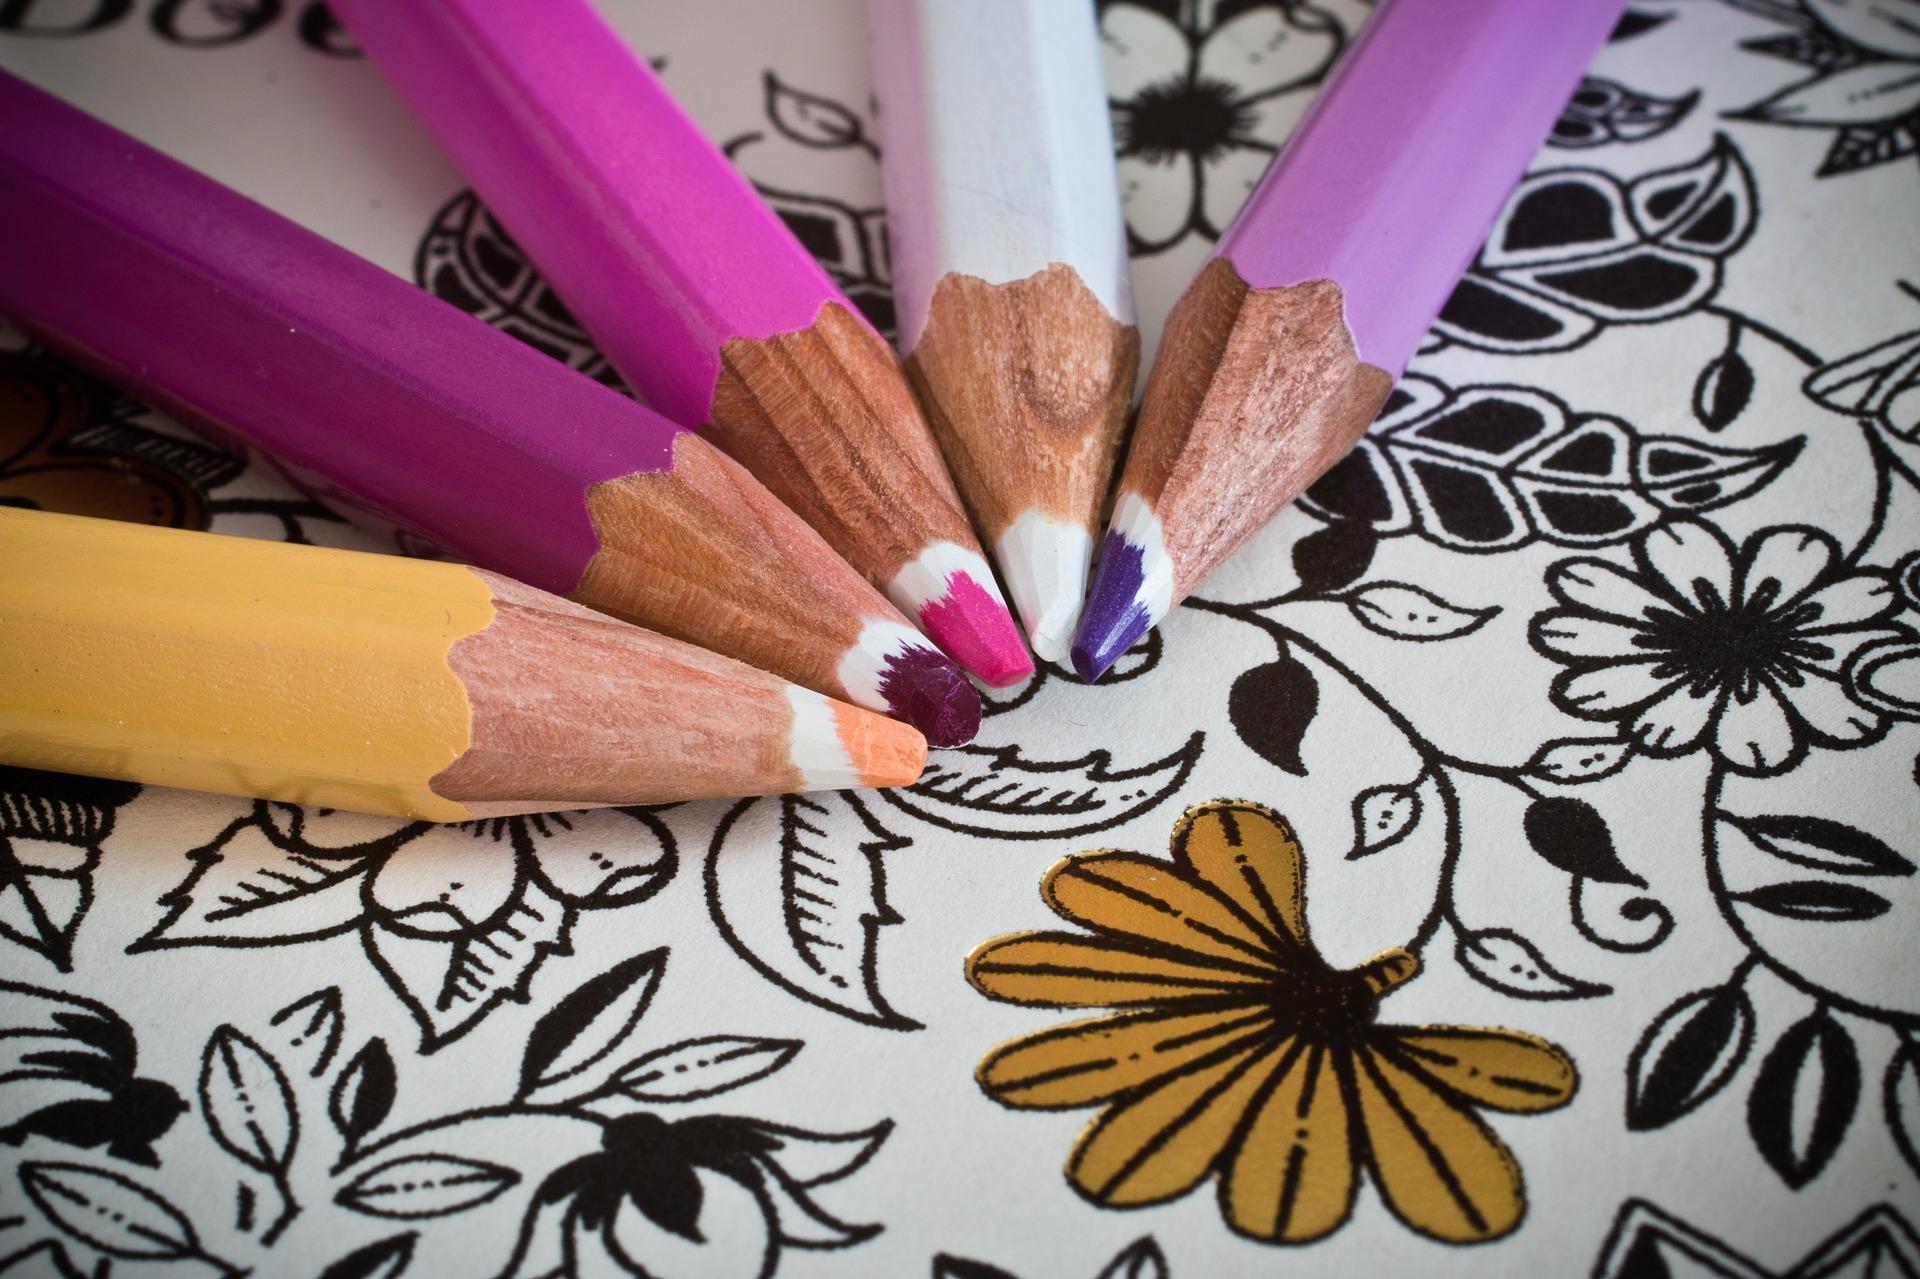 Kleurplaten Voor Volwassenen Tips.Kleuren Voor Volwassenen Lees Hier Alle Tips En Aanraders Geluksweg